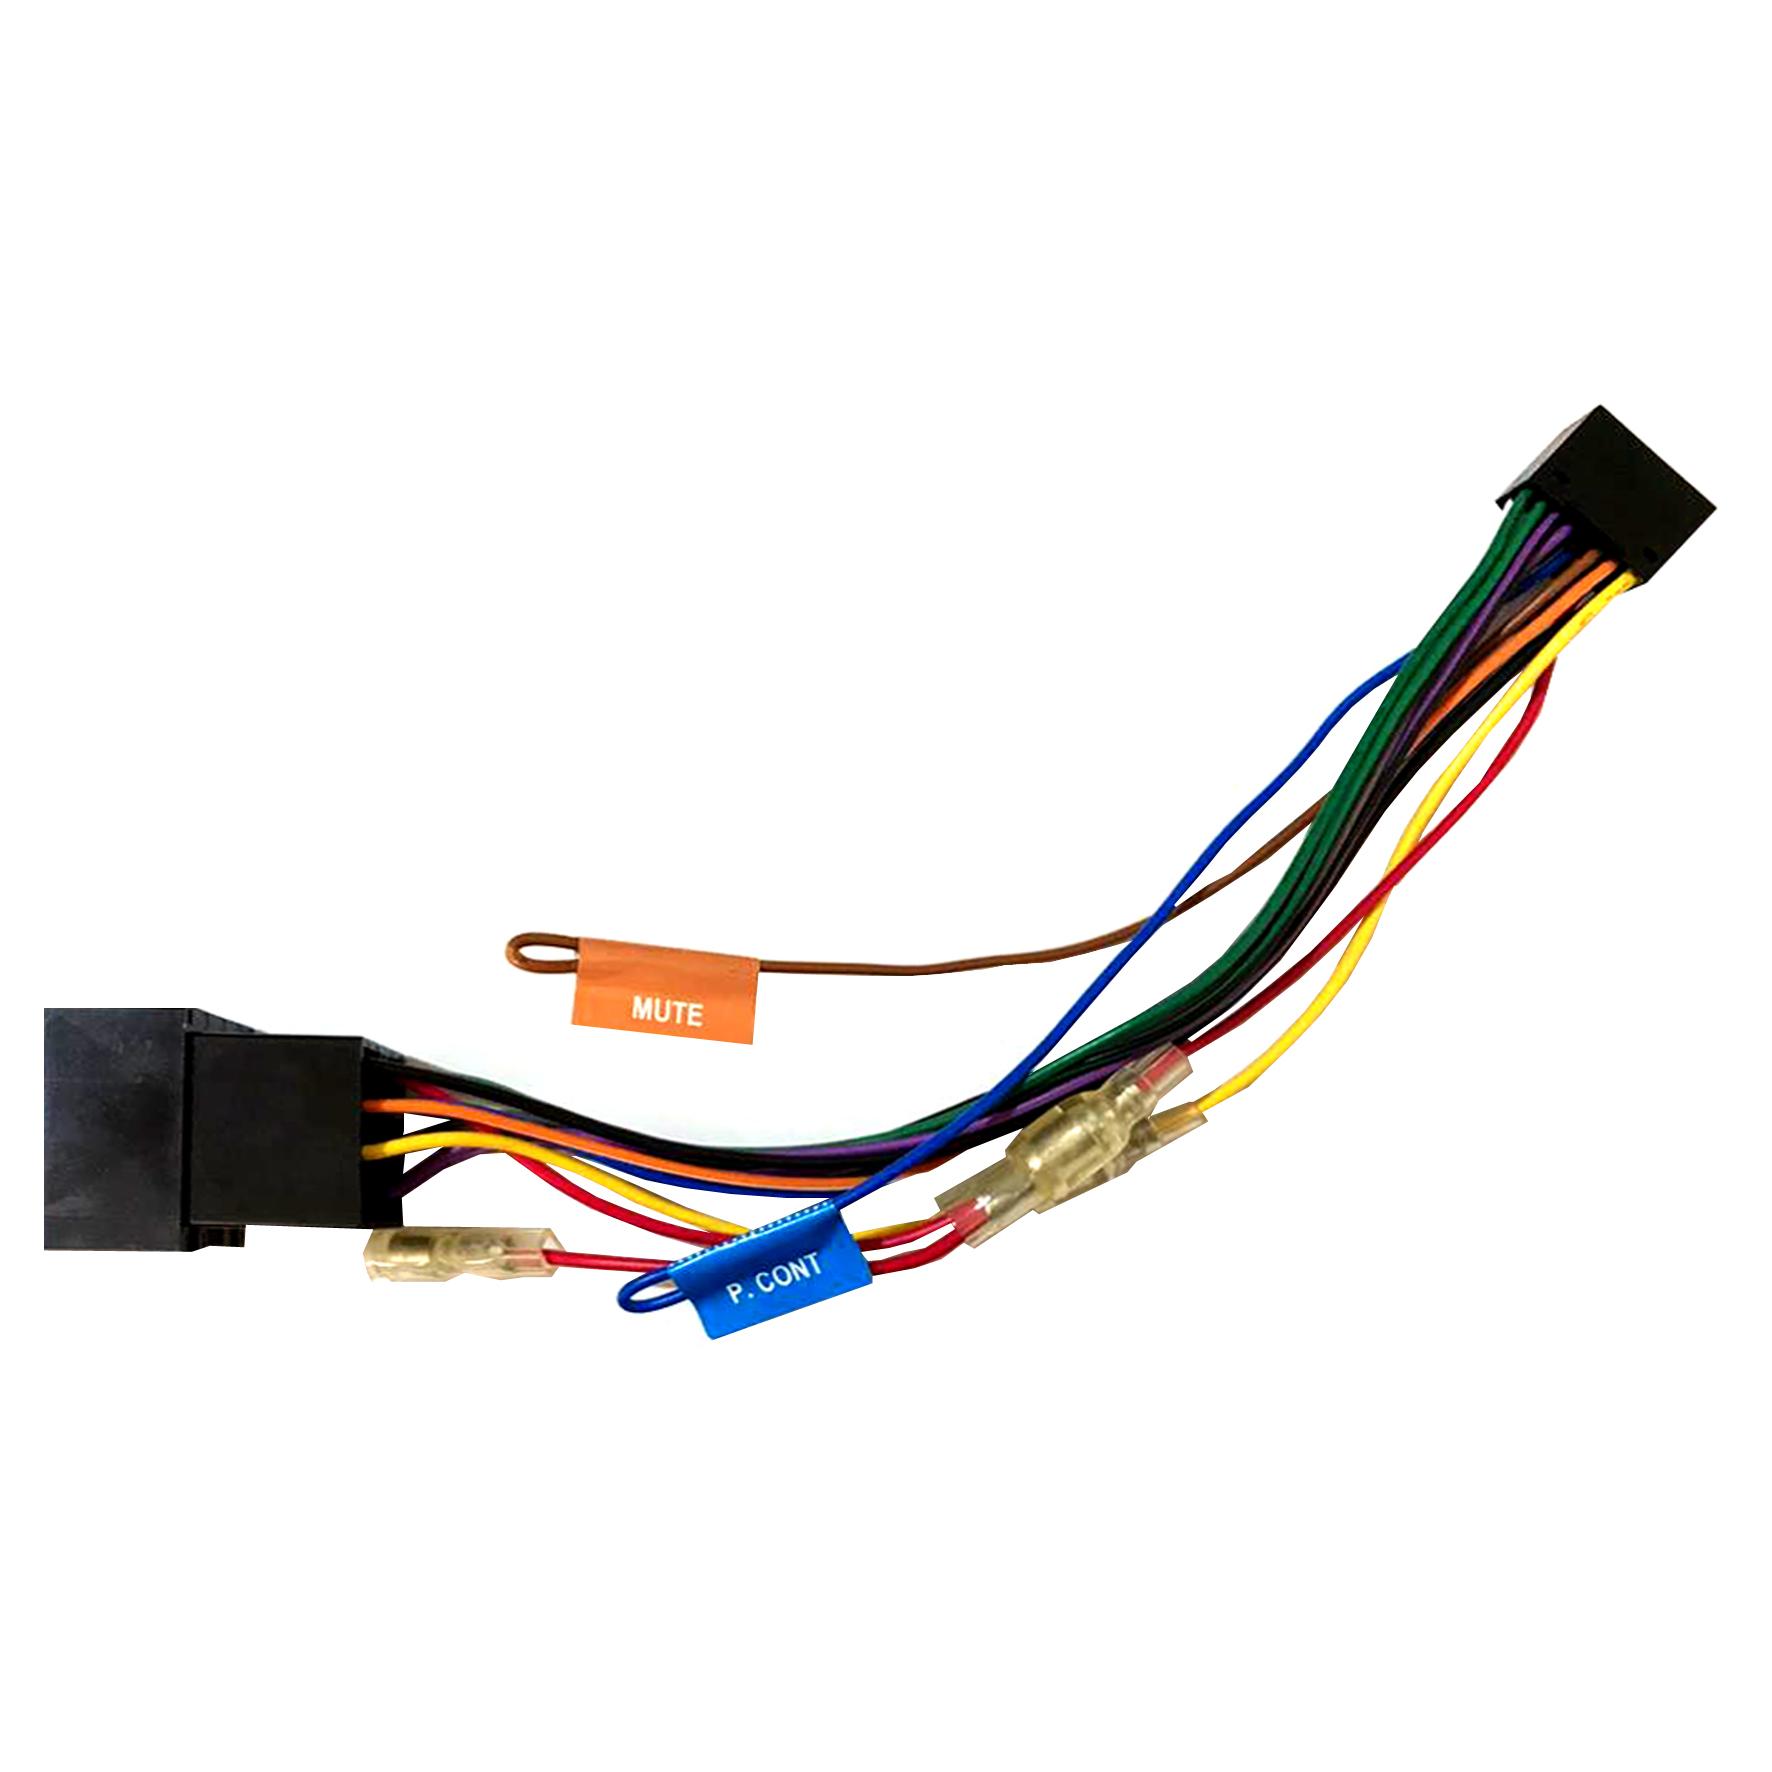 سوکت پخش خودرو مدل KEN-01 مناسب برای پخش کنوود